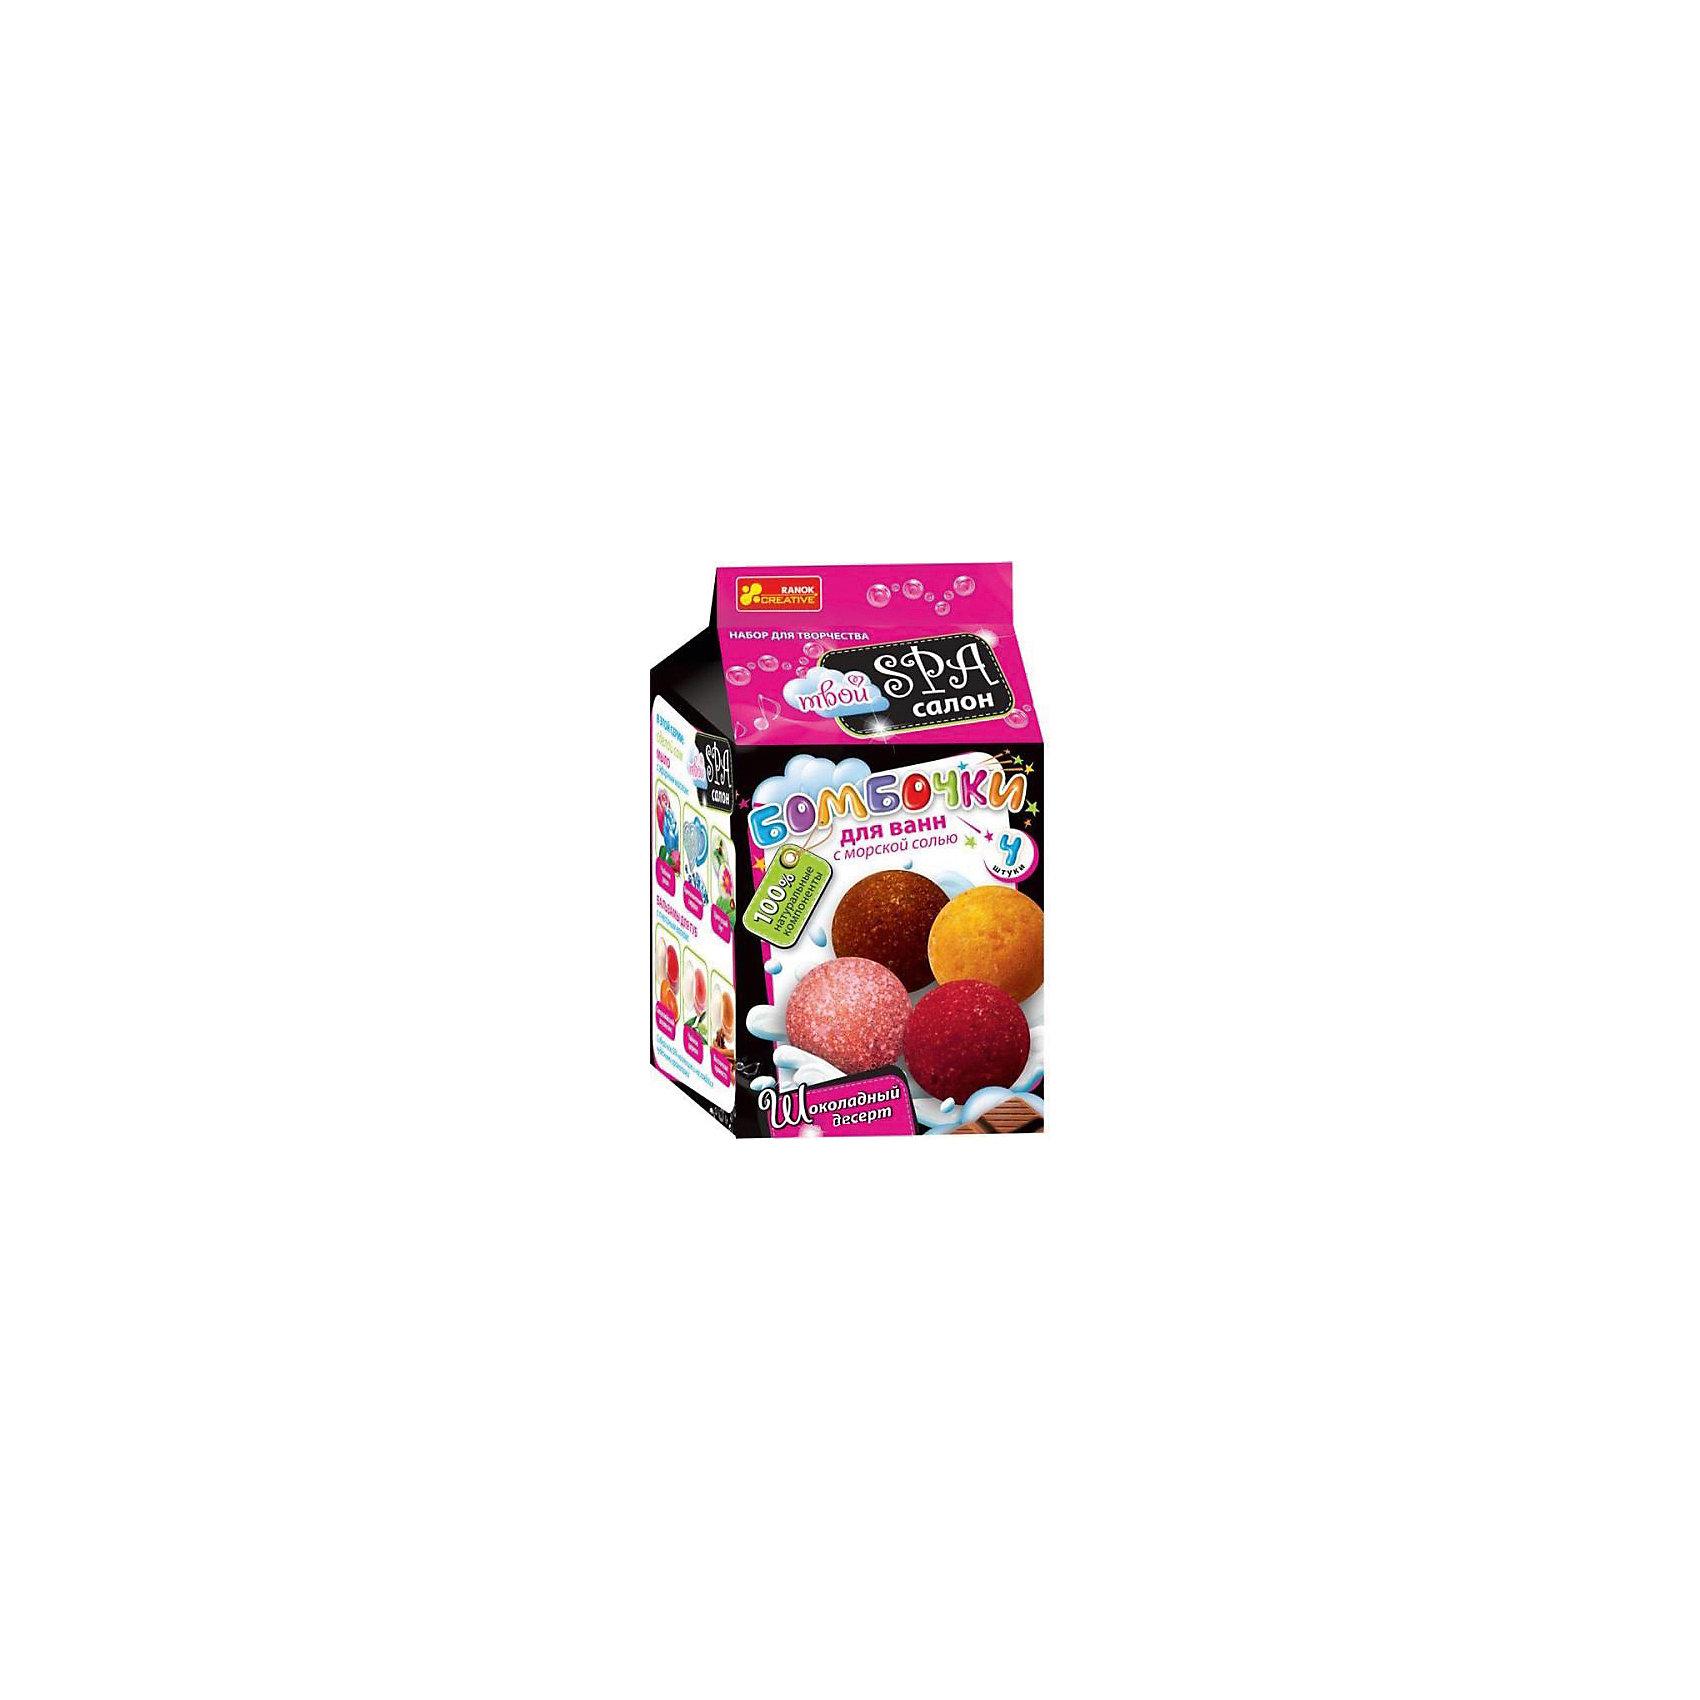 Бомбочки для ванн Шоколадный десерт4 бомбочки в 1 наборе! Бомбочки для ванн смягчают воду, ухаживают за кожей и дарят отличное настроение. Попав в воду, бомбочки бурлят и шипят, создавая эффект джакузи, и наполняют ванну фантастическими ароматами. Для ребенка будет увлекателен не только процесс создания чудо-бомбочек, но и процесс их использования! Возраст ребенка: 9-18<br>Размер упаковки: 11,5х11,5х20 см<br>В комплекте:<br>- пищевая сода<br>- лимонная кислота<br>- ароматизированное масло-основа<br>- морская соль<br>- пищевые красители<br>- формы для бомбочек<br>- пластиковая ложка<br>- одноразовые перчатки<br>- подробная инструкция<br><br>Ширина мм: 120<br>Глубина мм: 120<br>Высота мм: 210<br>Вес г: 625<br>Возраст от месяцев: 108<br>Возраст до месяцев: 192<br>Пол: Унисекс<br>Возраст: Детский<br>SKU: 5009273